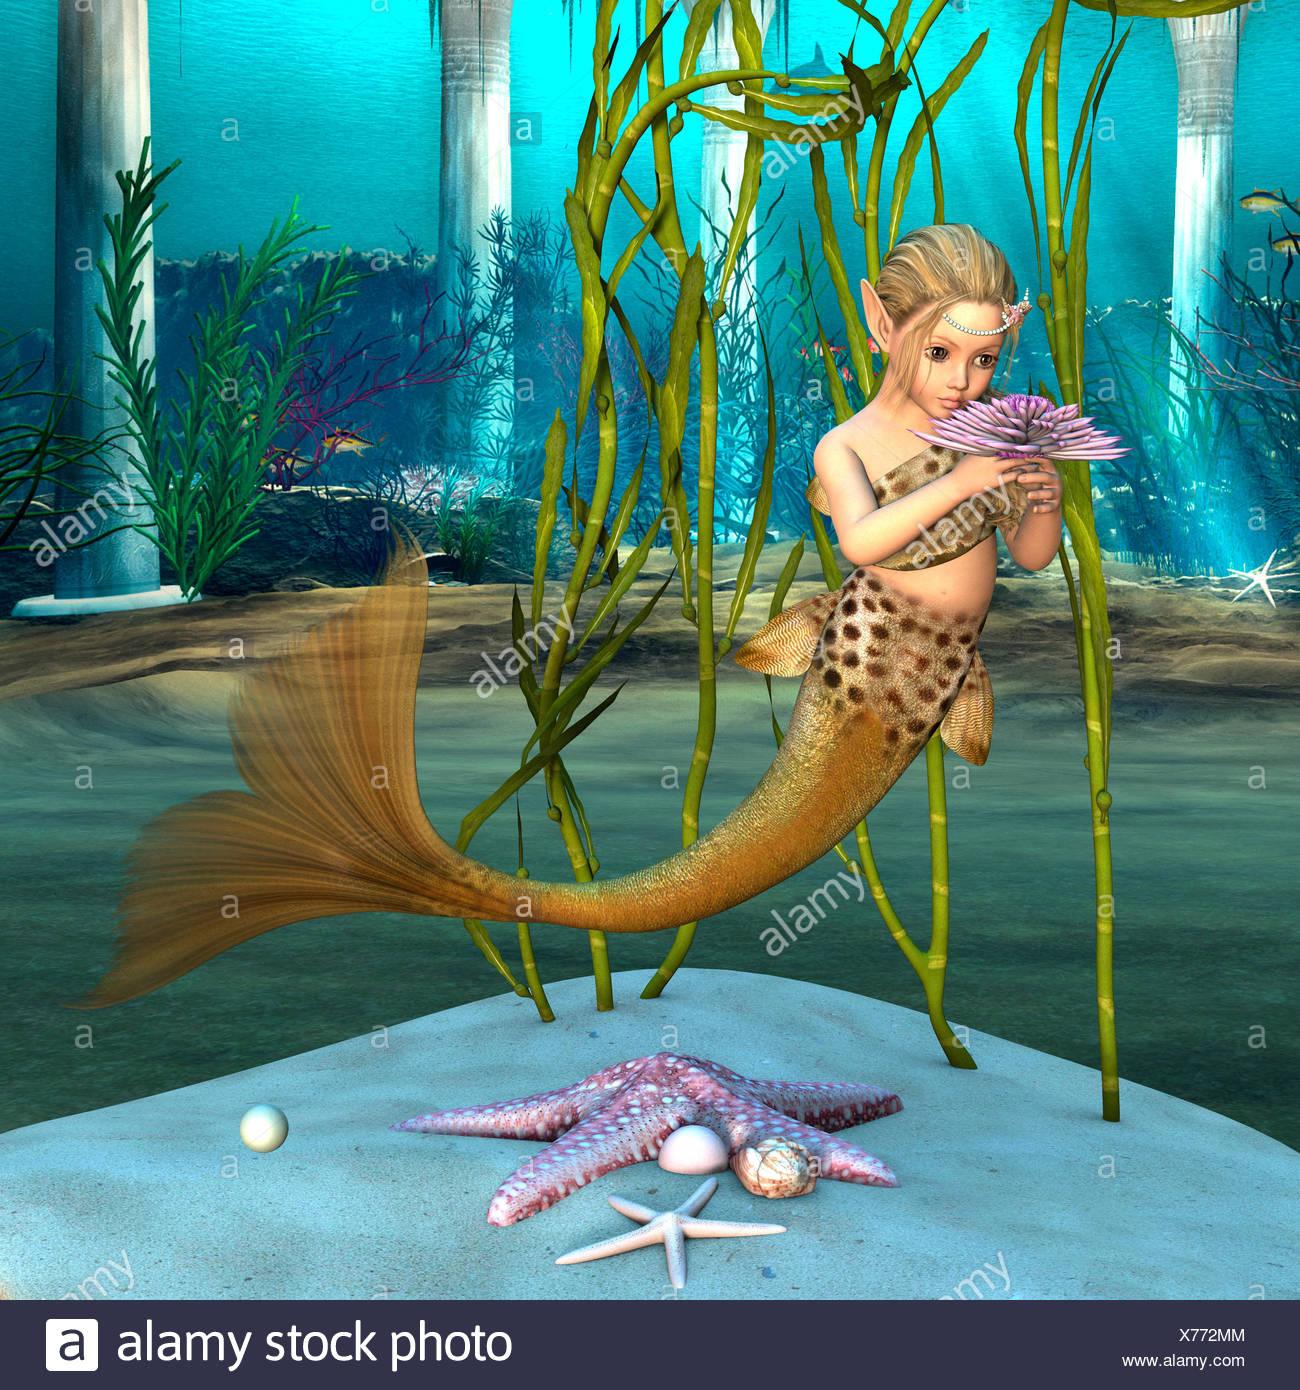 3D Digital Render Of A Cute Little Mermaid Holding Purple Anemone Floweron Blue Fantasy Ocean